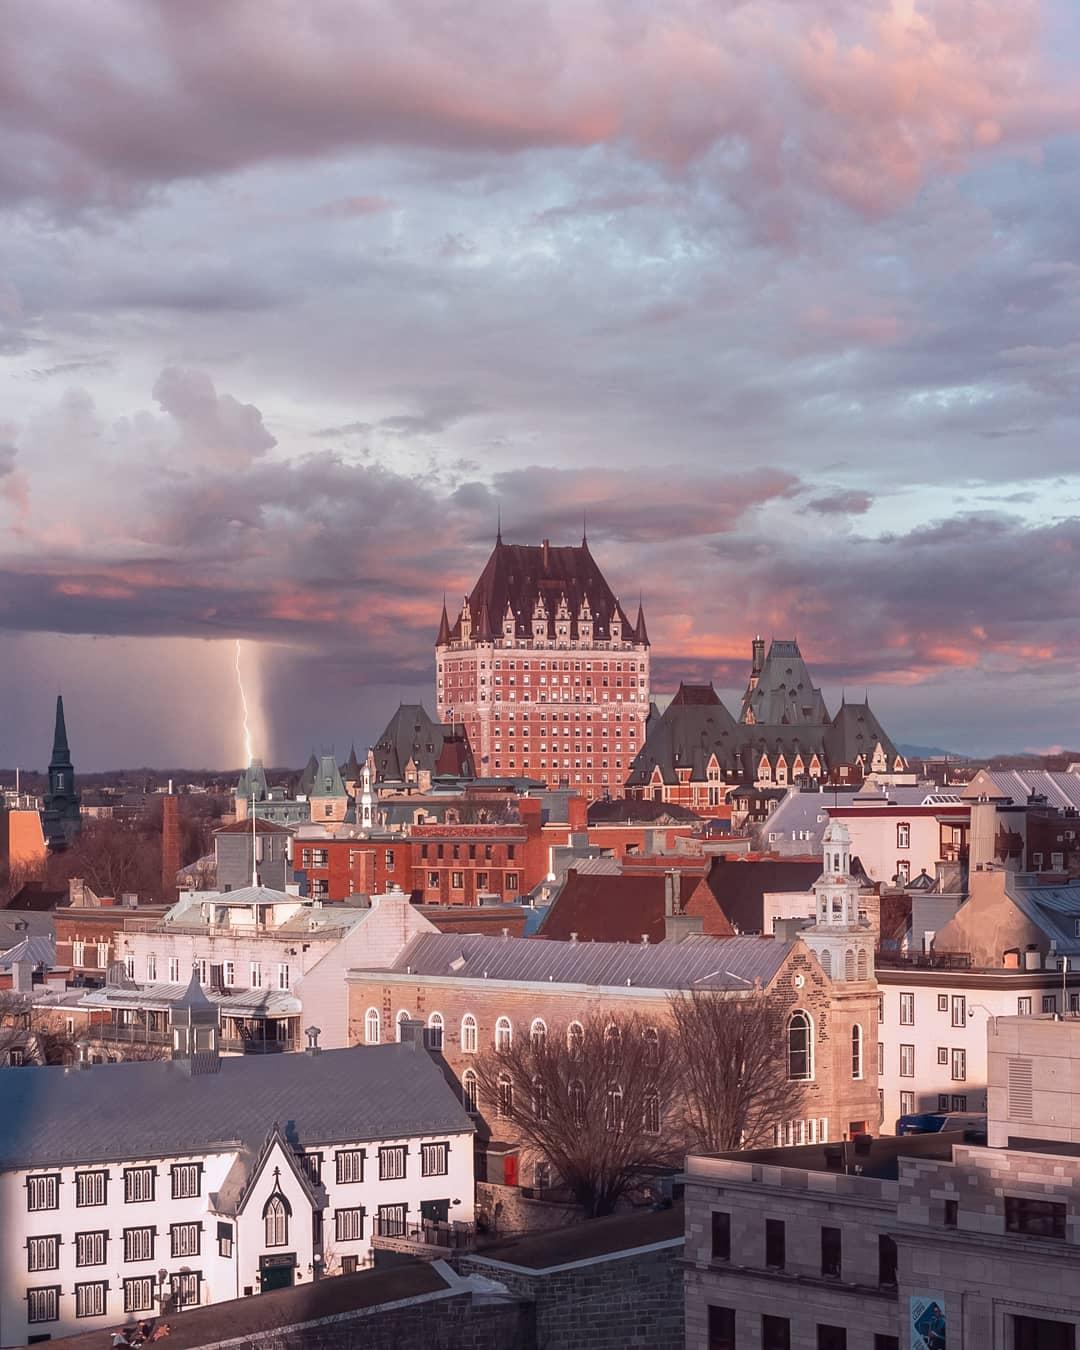 Впечатляющие городские пейзажи от Эммануэля Ковени